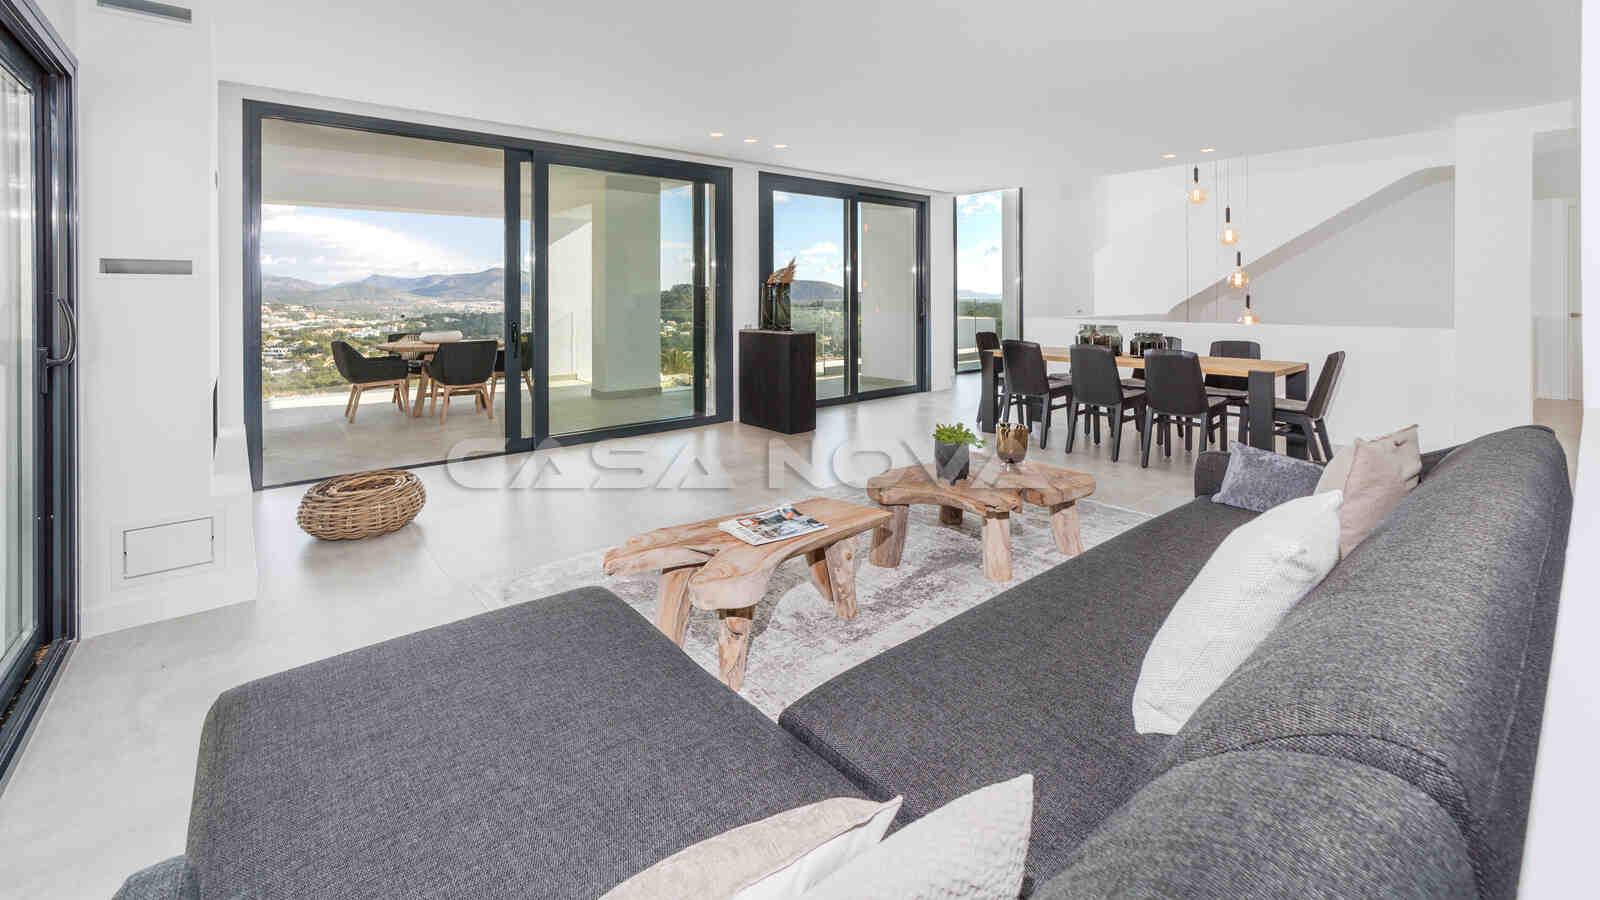 Ref. 2402254 - Offener Wohnbereich mit bodentiefen Fensterfronten